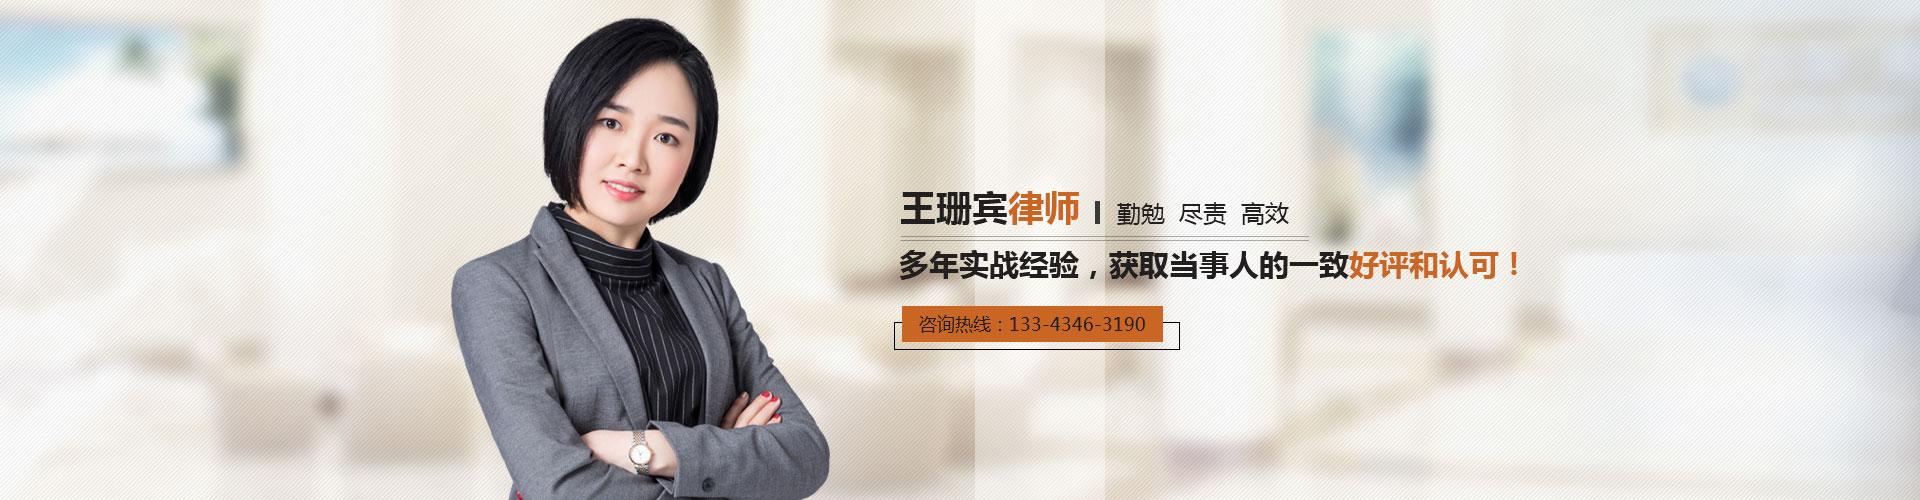 湖北王珊宾律师